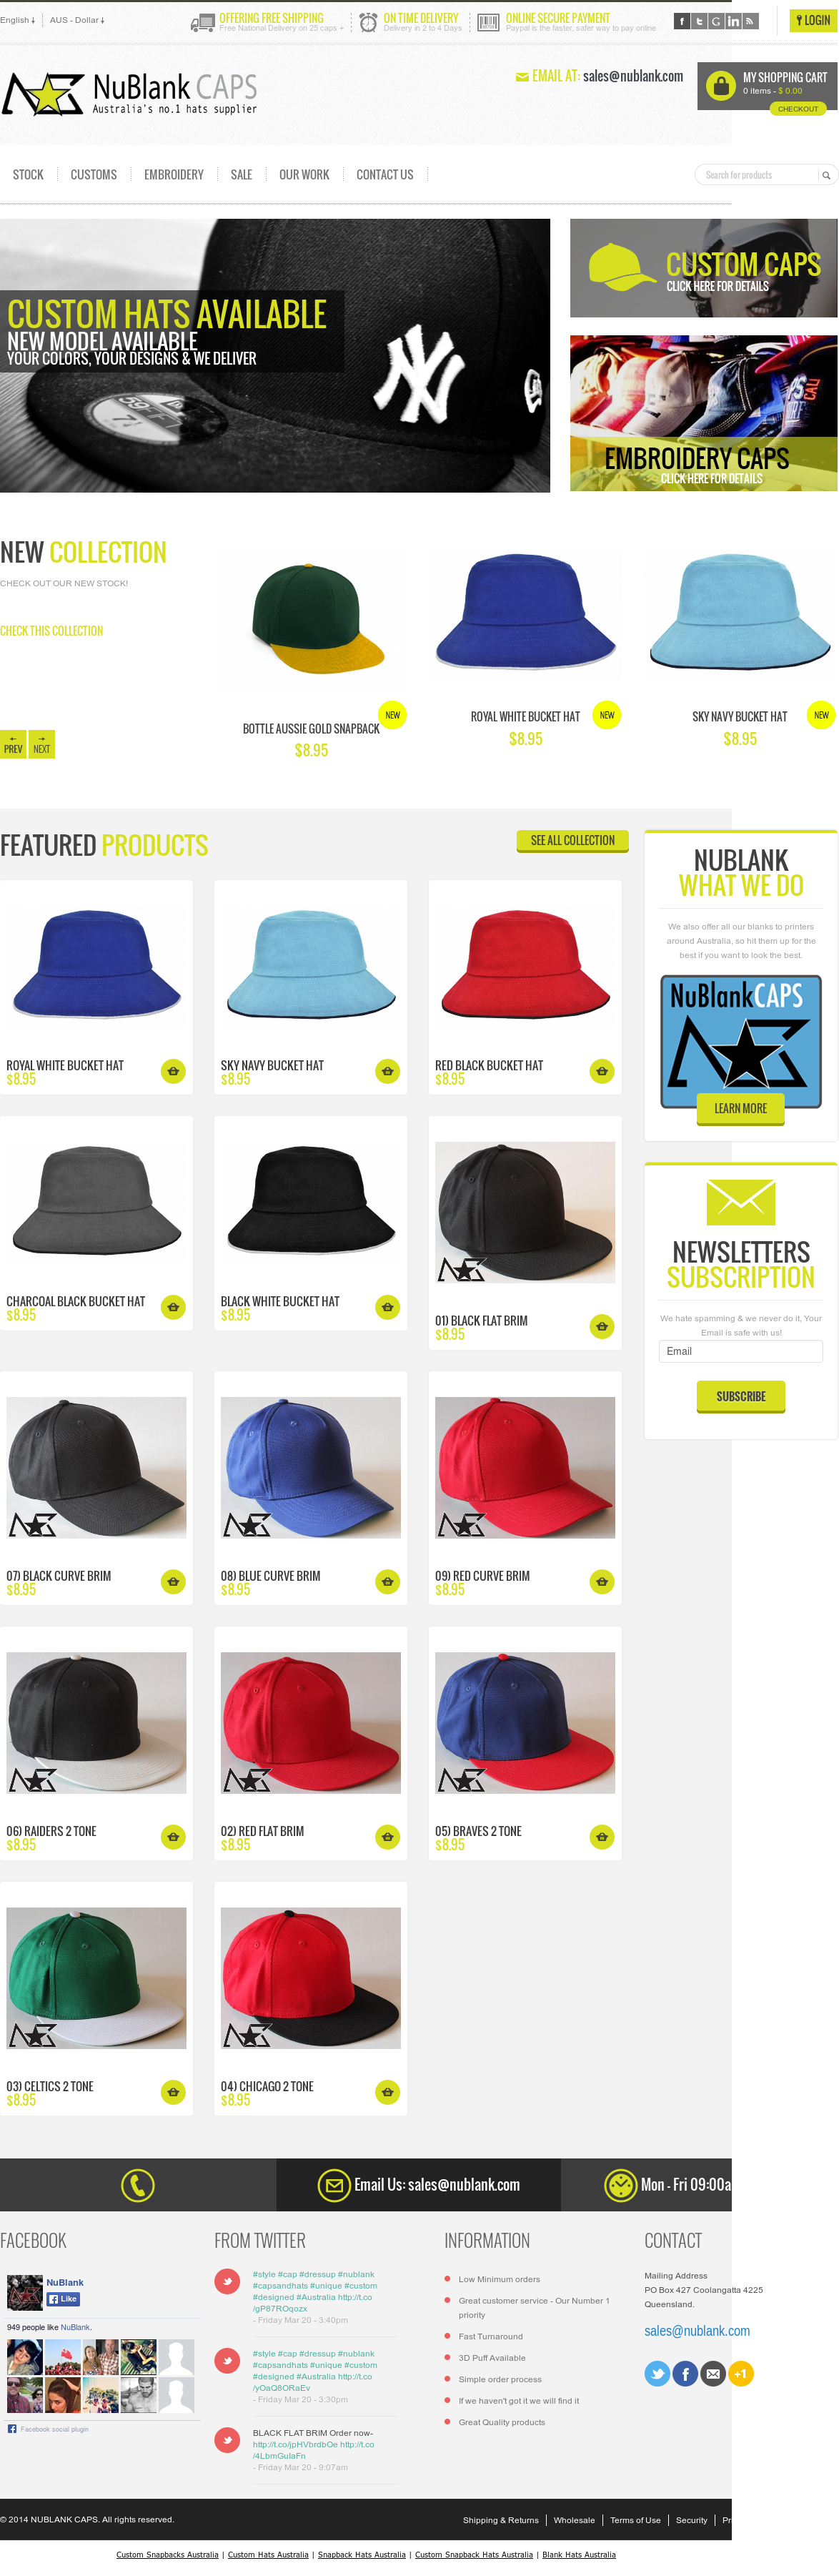 fb23beae643 Nublank Caps Competitors